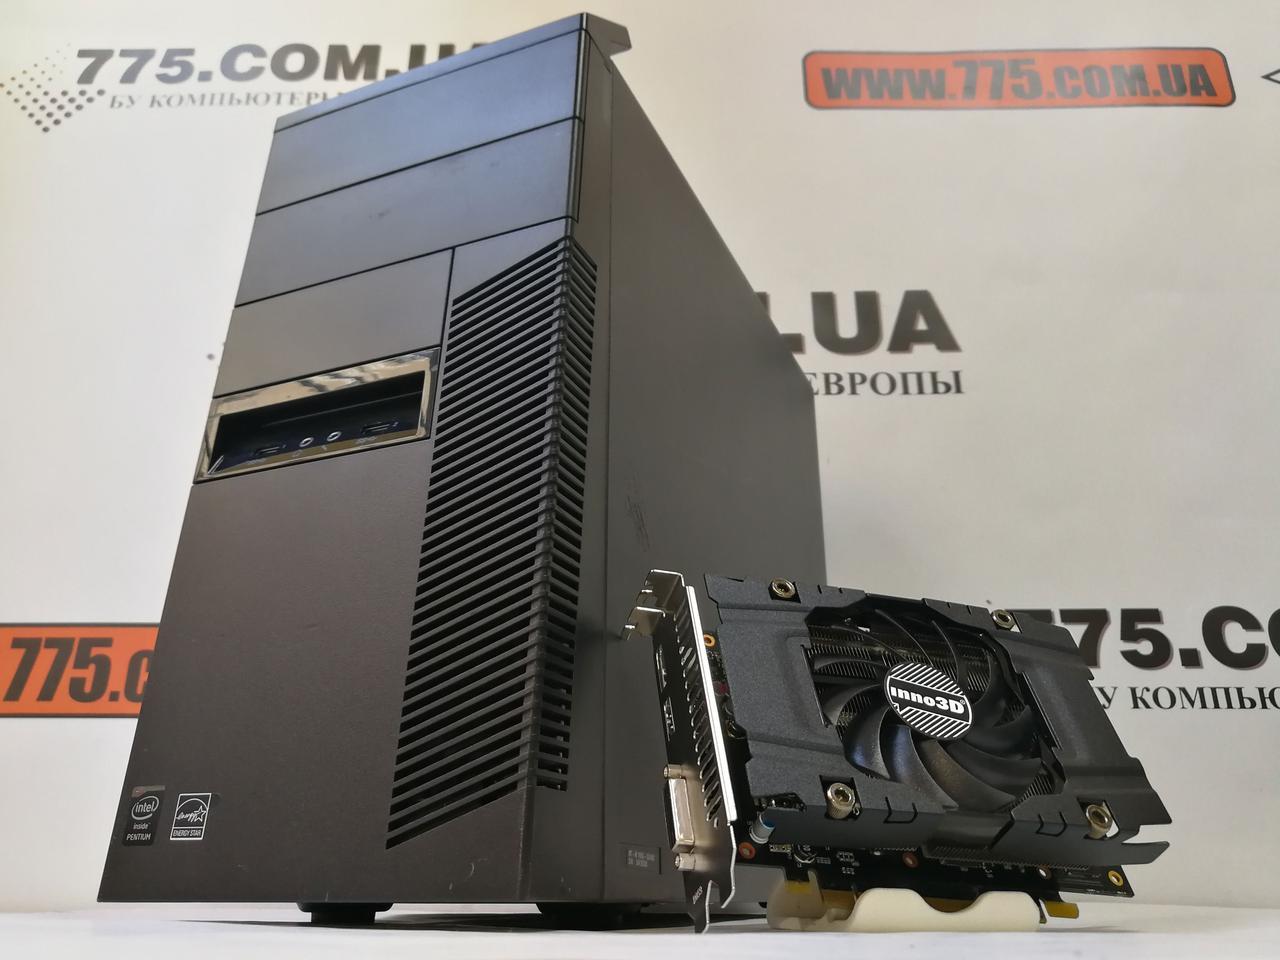 Игровой компьютер M83, Intel Core i5-4570 3.6GHz, RAM 12ГБ, SSD 120ГБ + HDD 500ГБ, GeForce GTX 1060 6ГБ